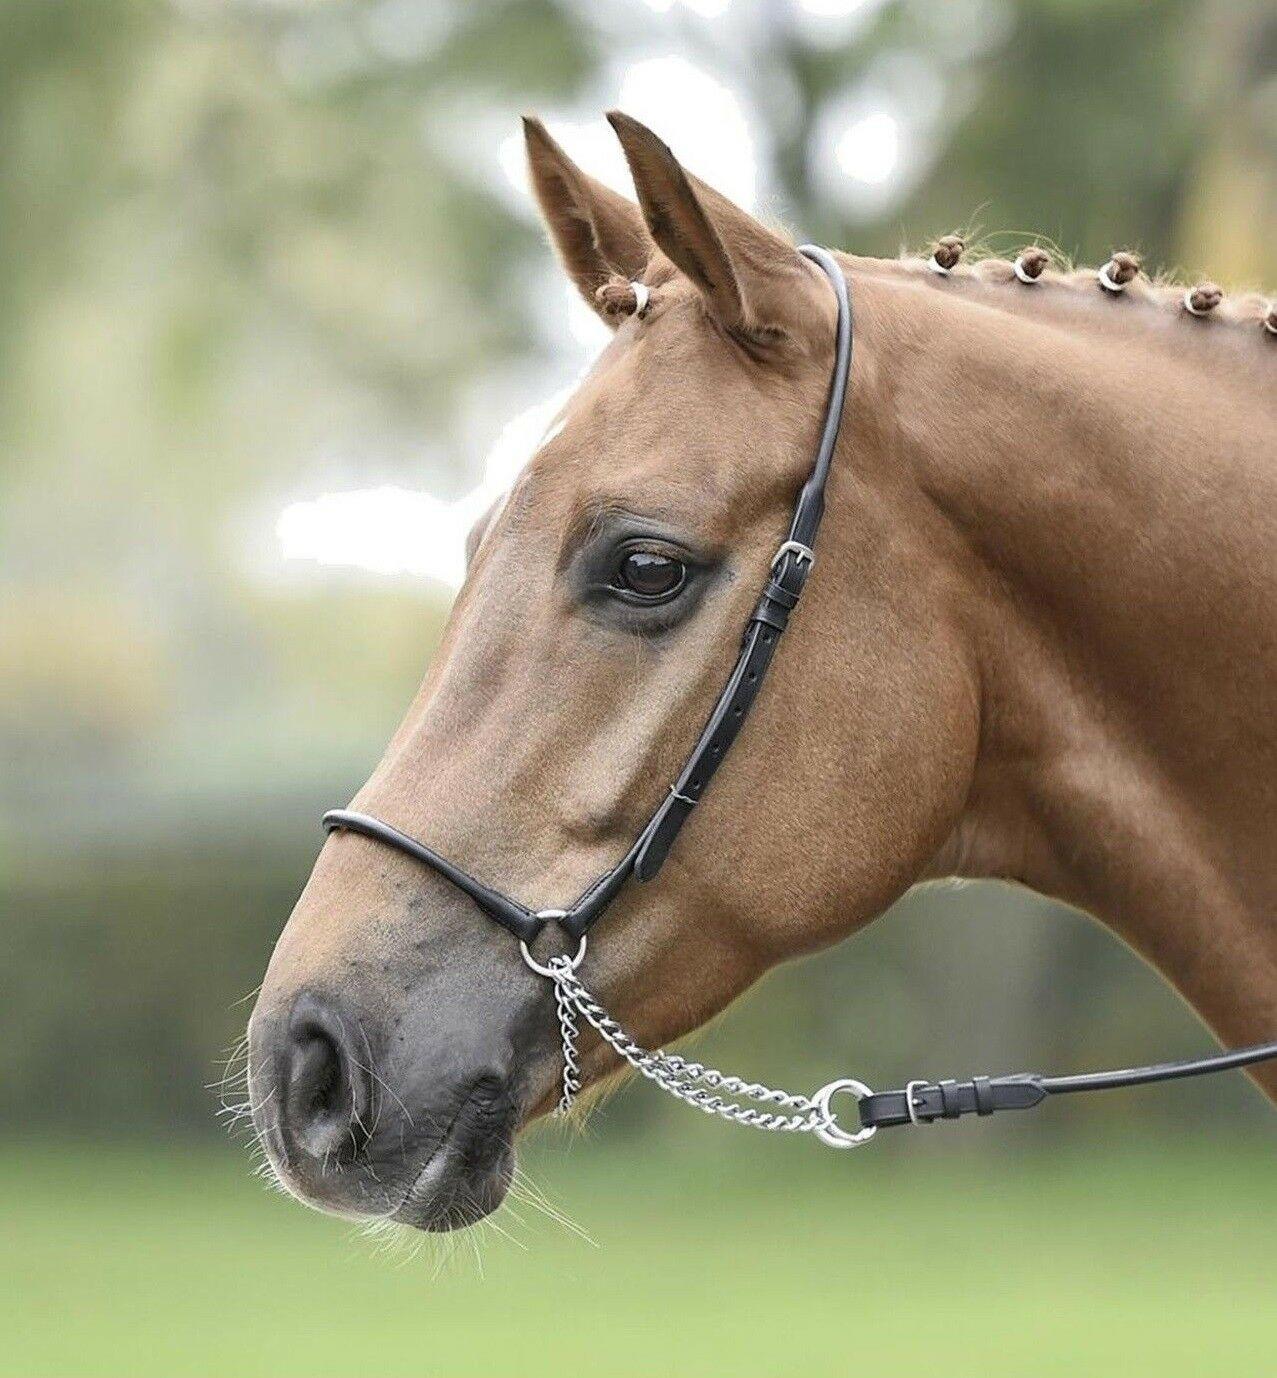 Уздечка для лошади: виды, строение, схема как сделать своими руками + фото